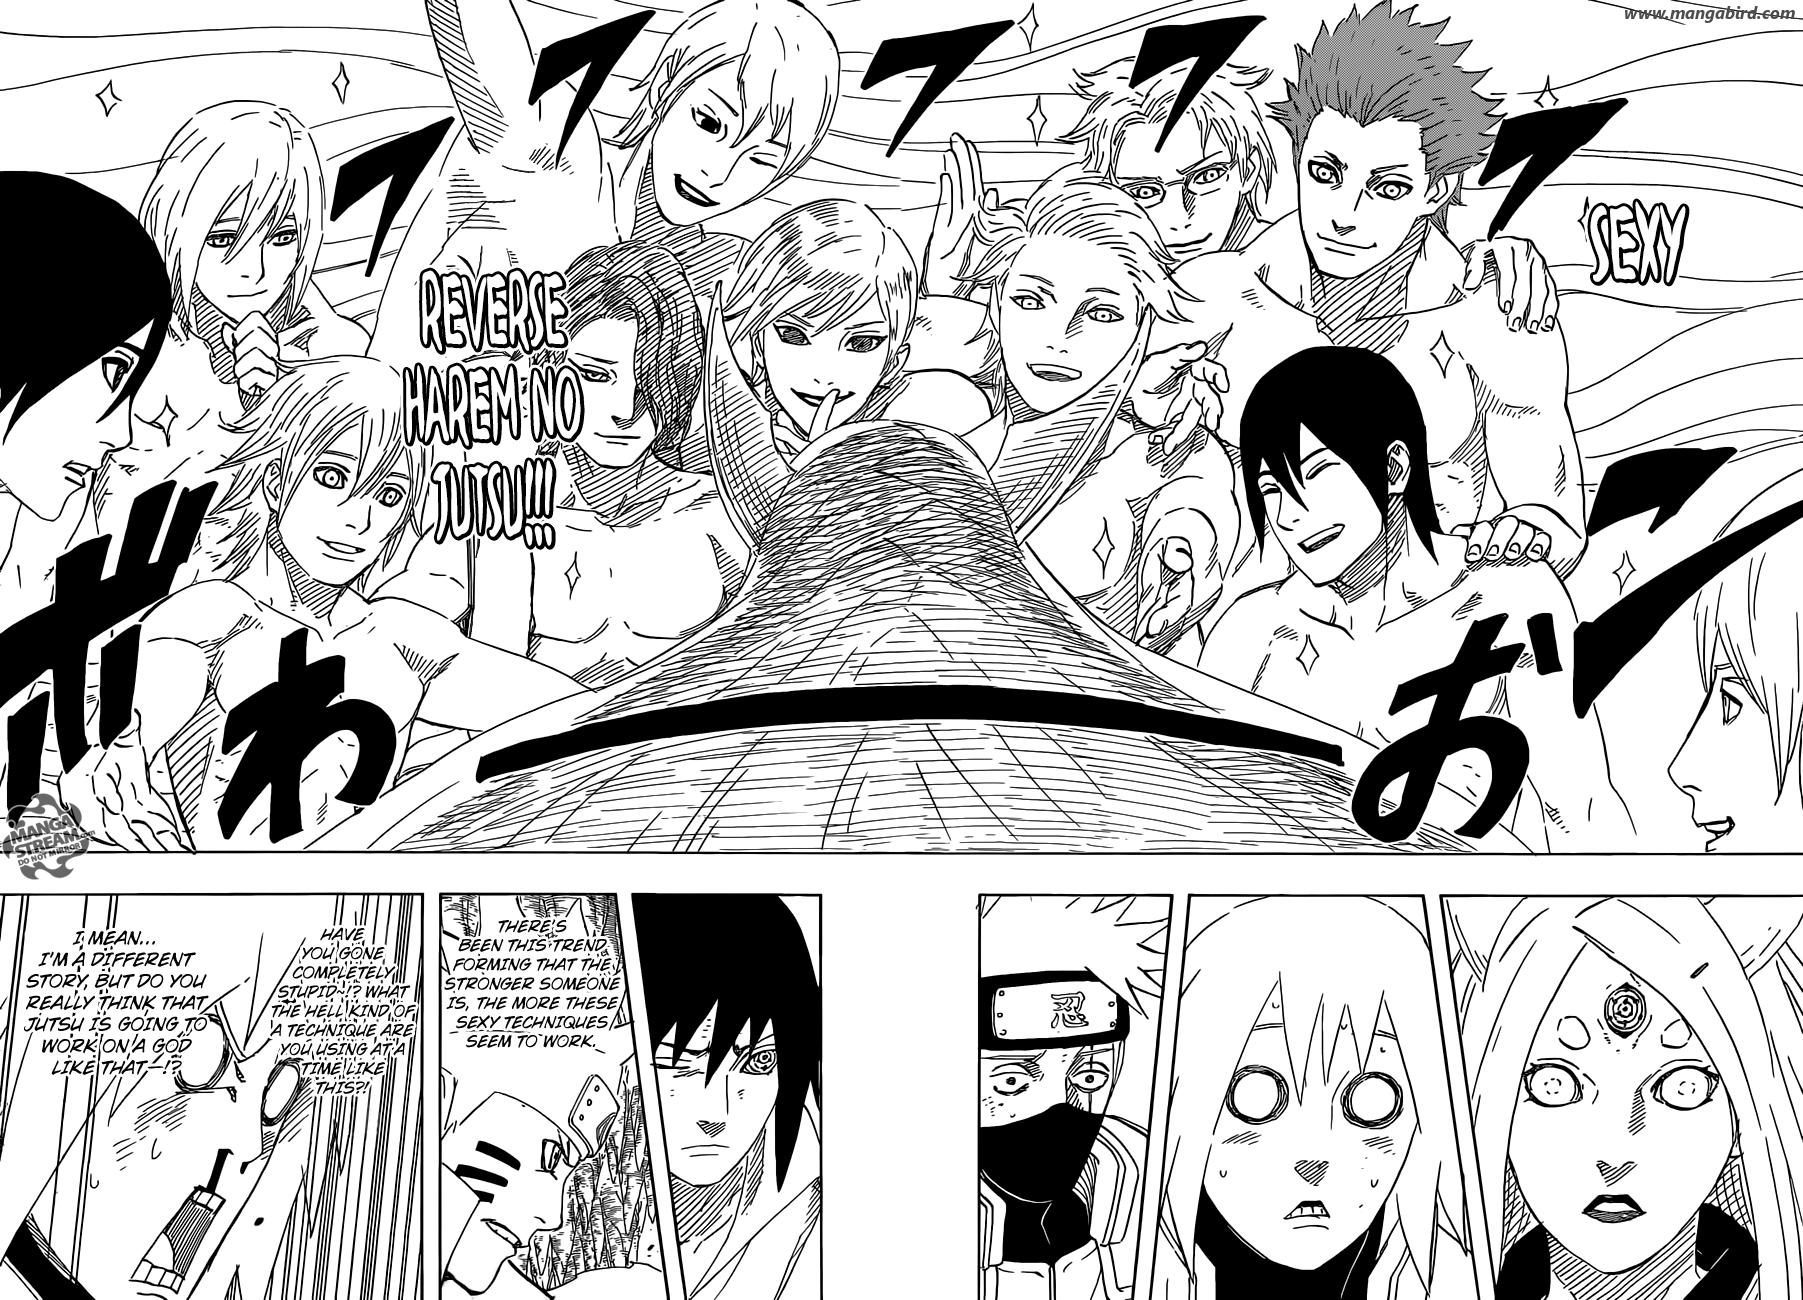 naruto and sasuke vs zabuza haku relationship